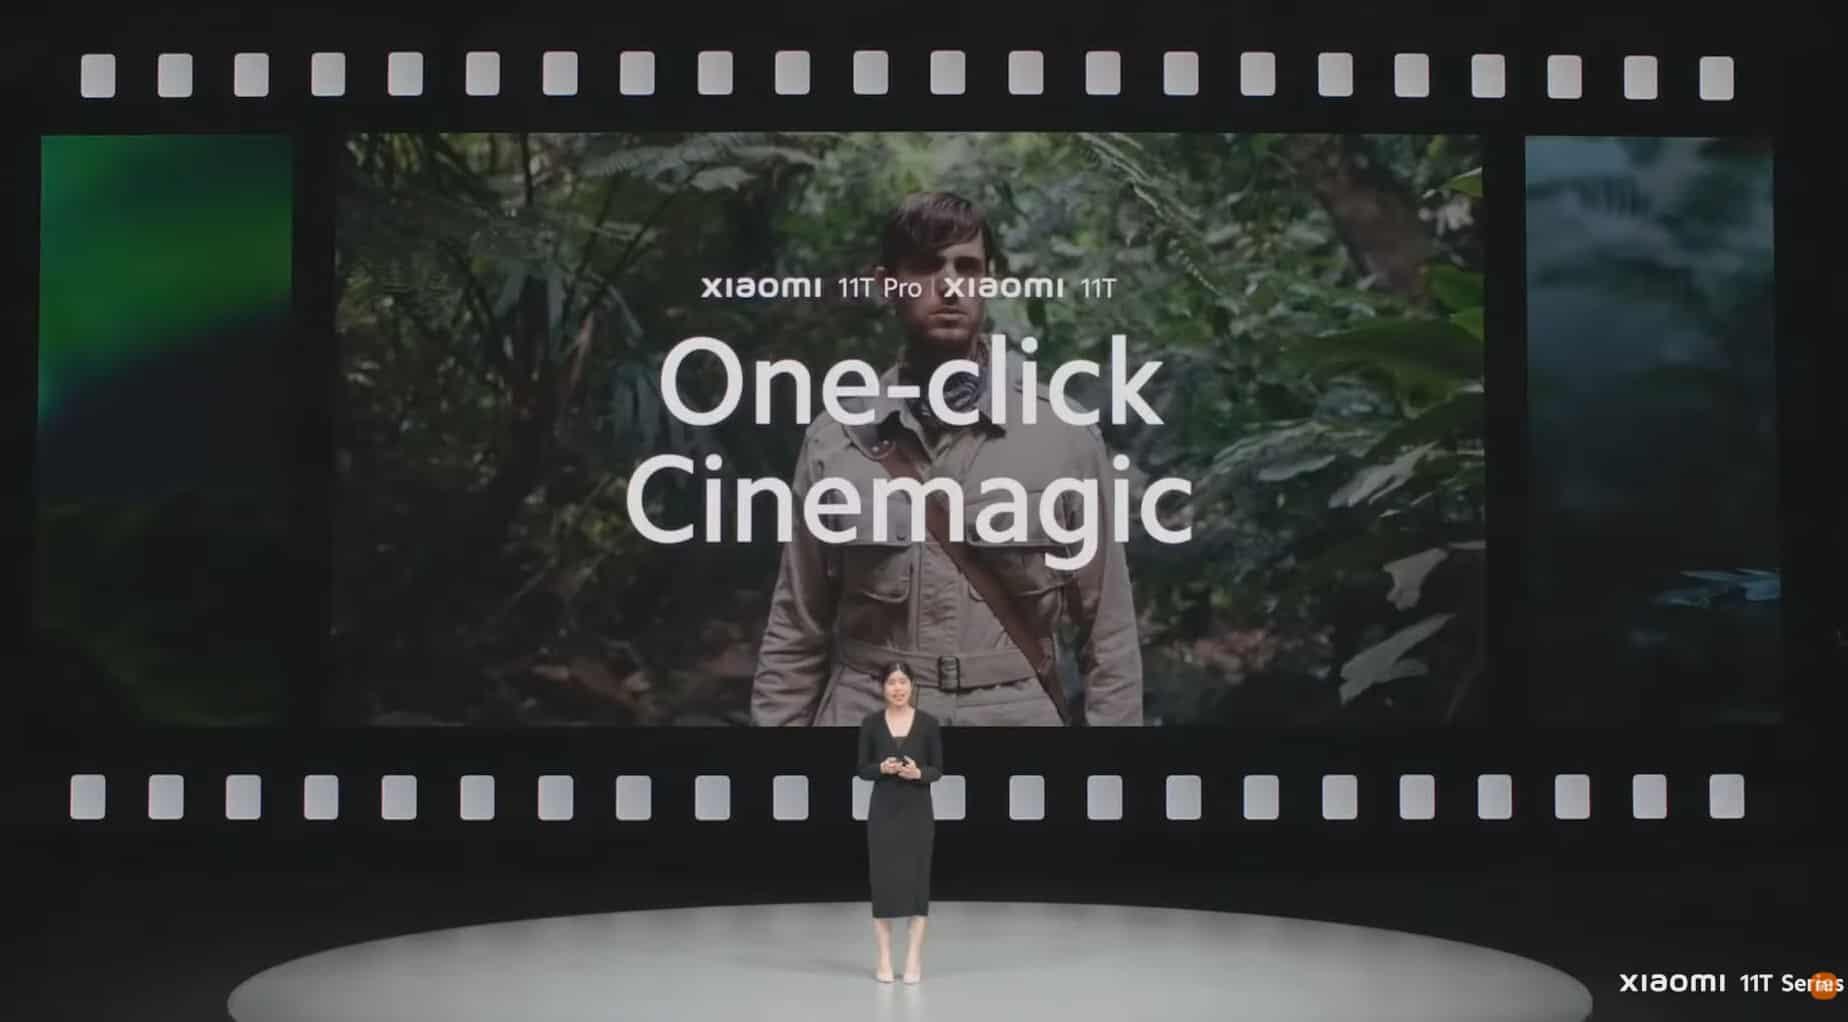 Fitur One-click Cinemagic